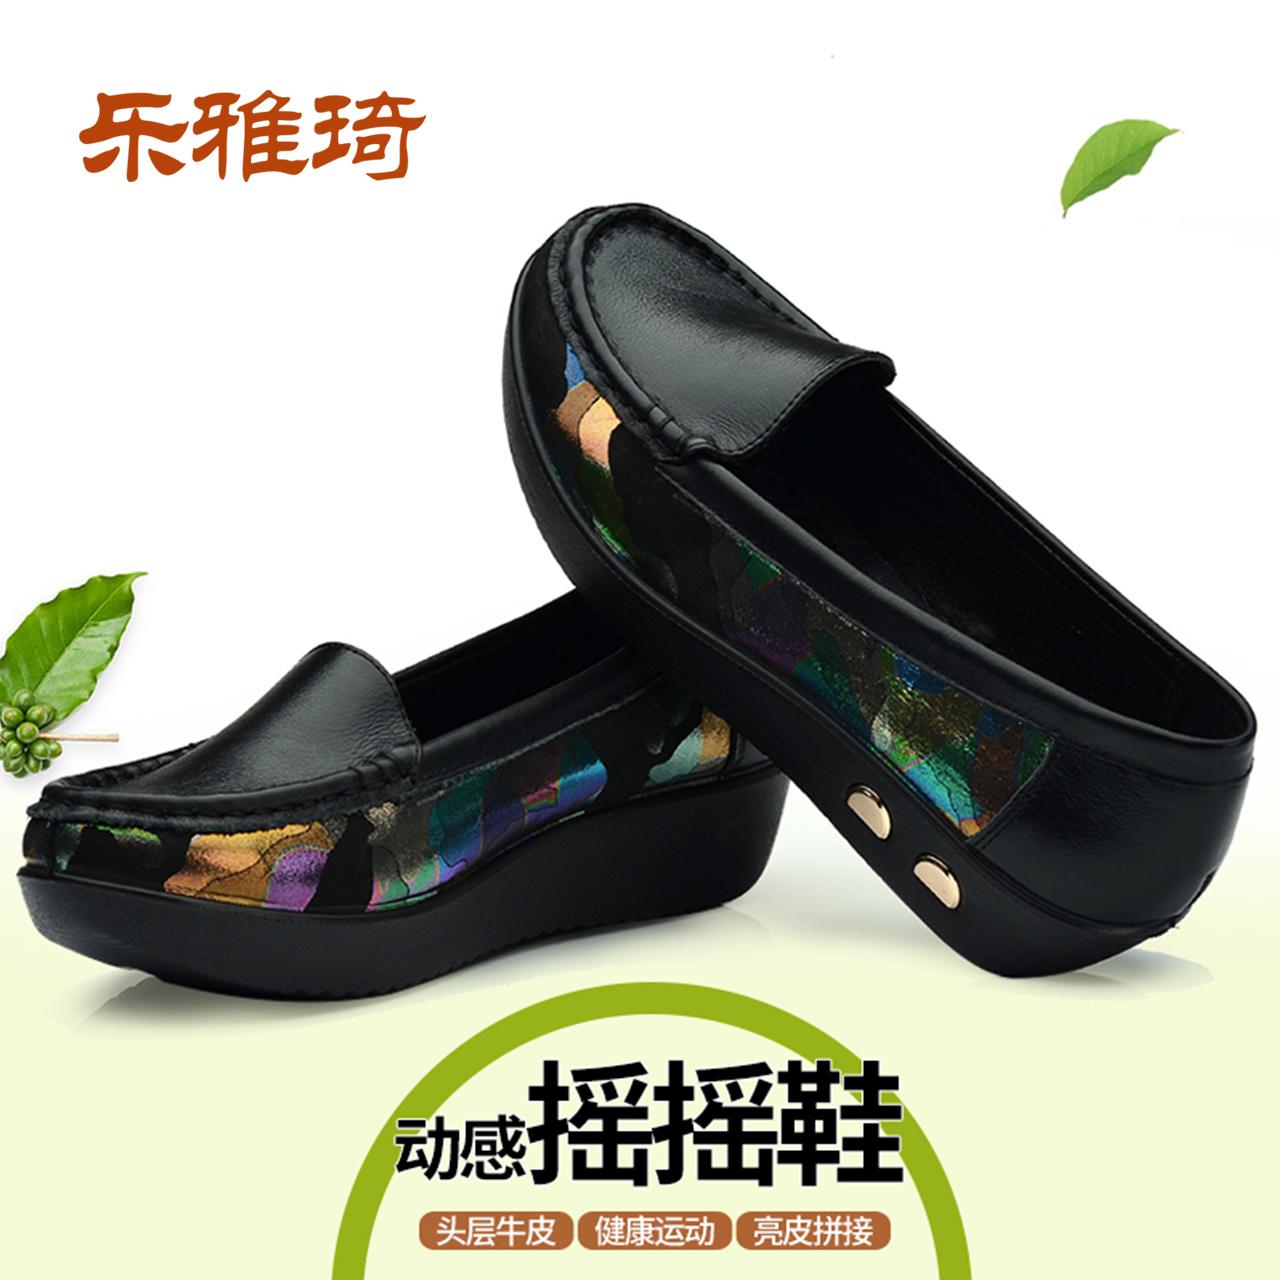 樂雅琦媽媽鞋真皮軟底單鞋女厚底搖搖鞋坡跟大碼中老年皮鞋休閒鞋